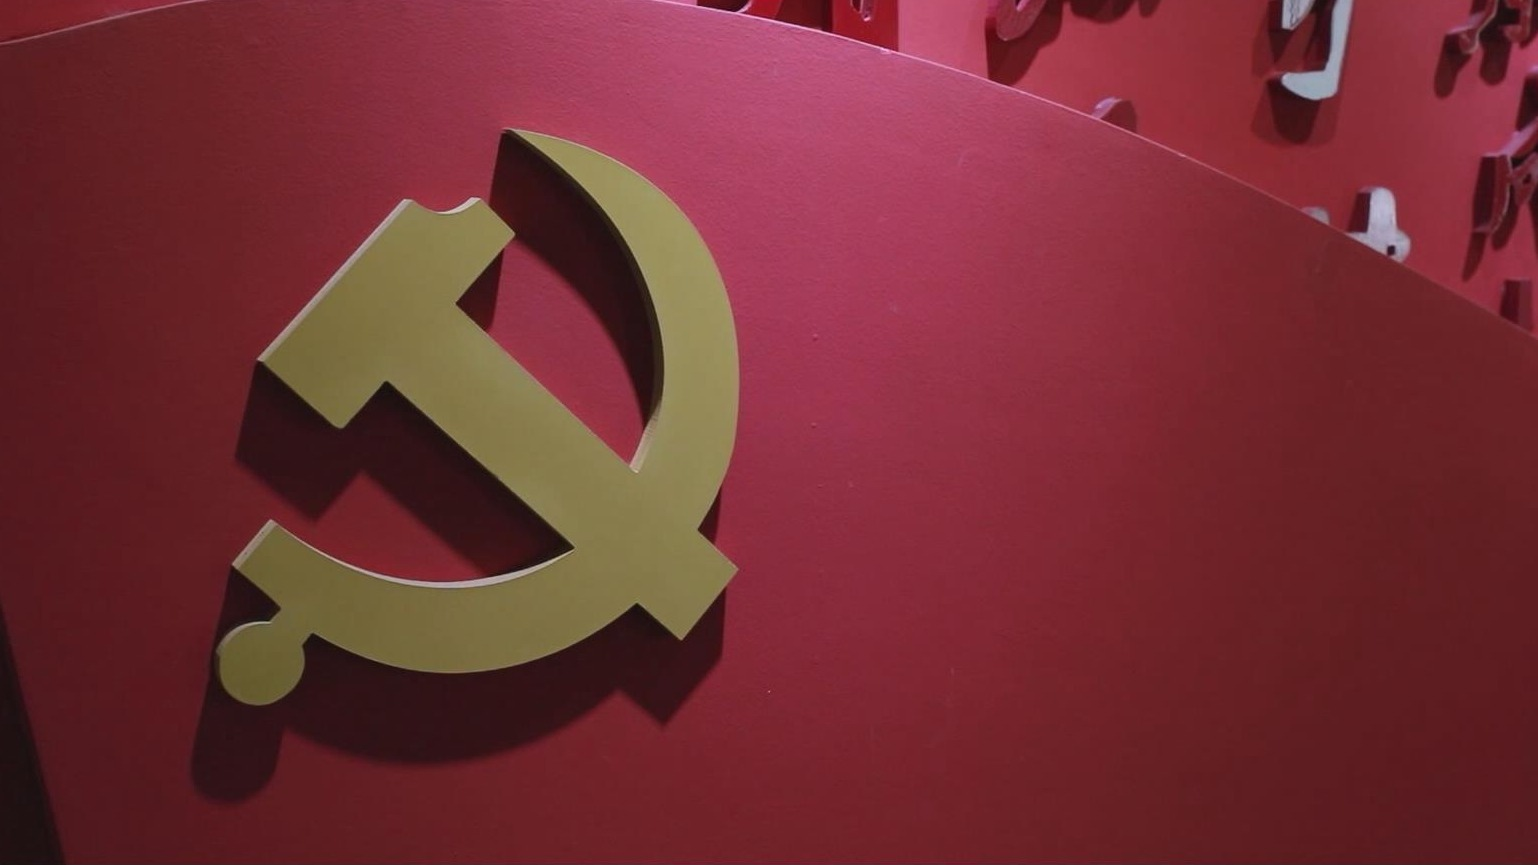 更济宁 | 不灭的烽火 红色的传承